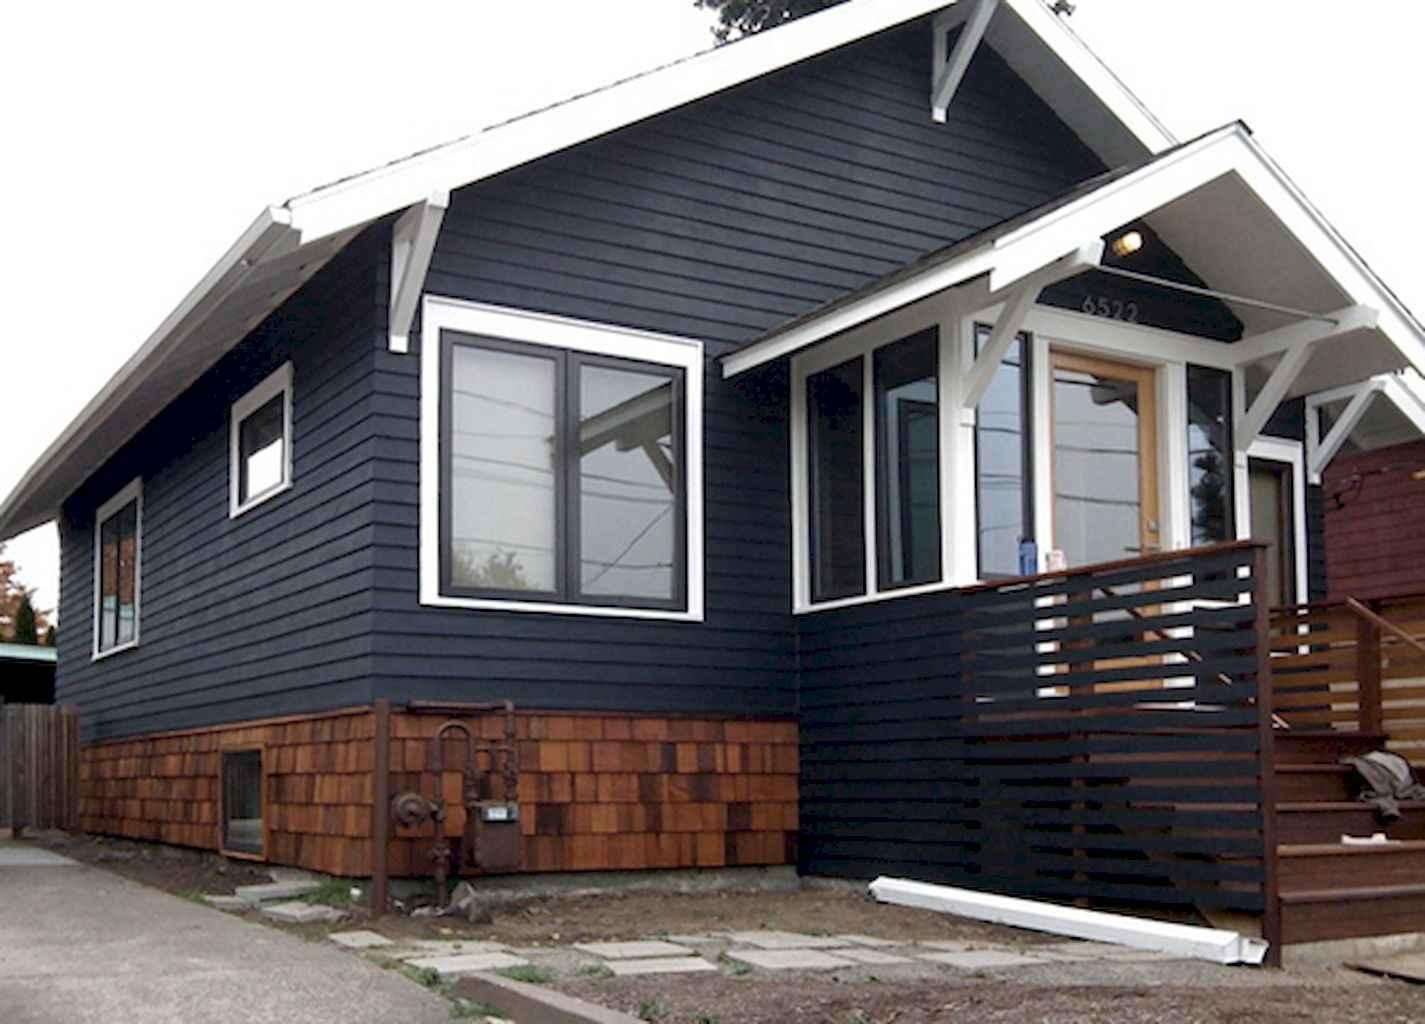 35 handsome black house exterior decor ideas (32)